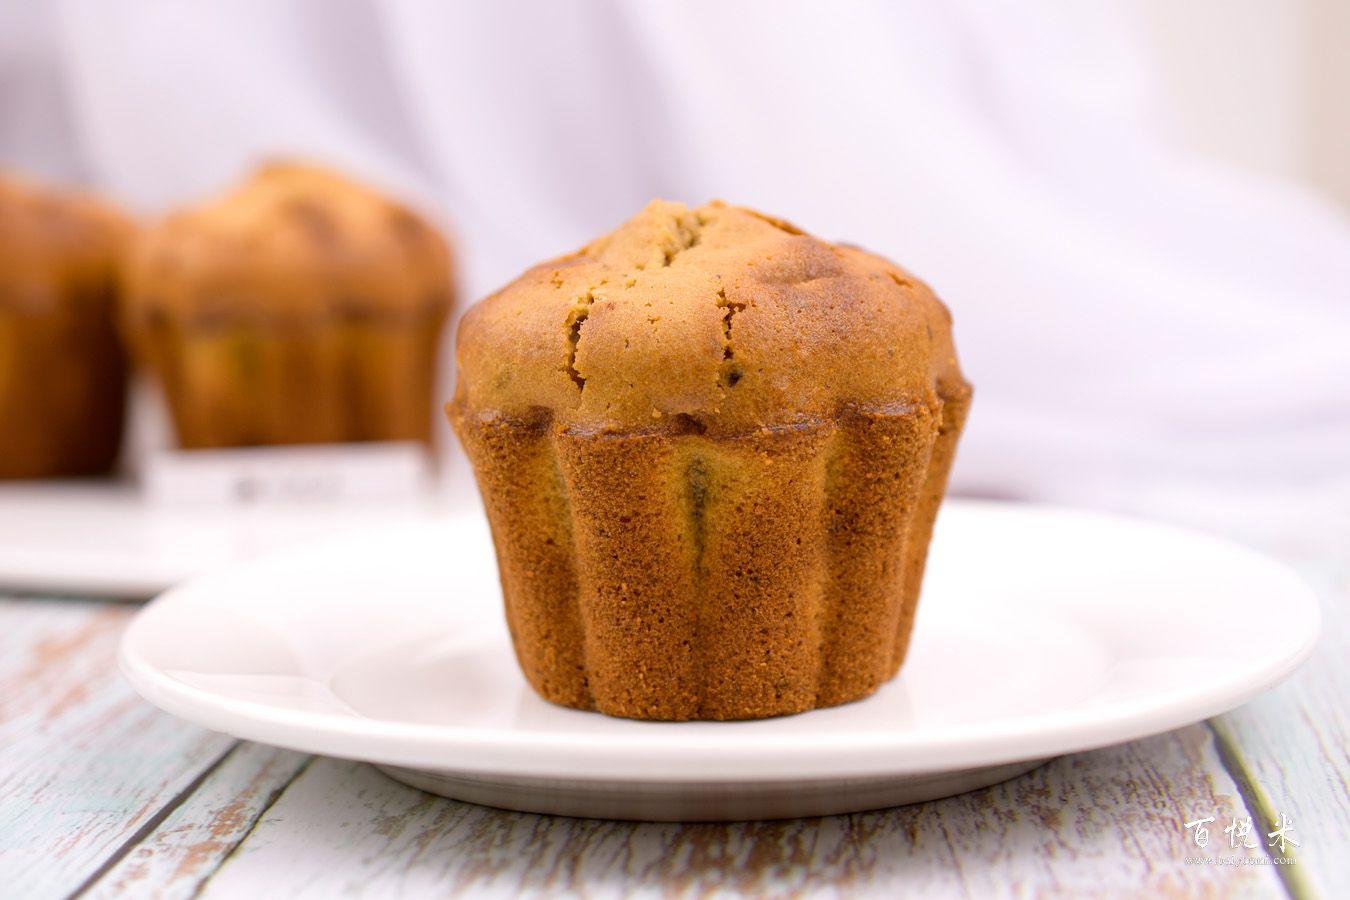 红枣蛋糕的做法大全,红枣蛋糕培训图文教程分享